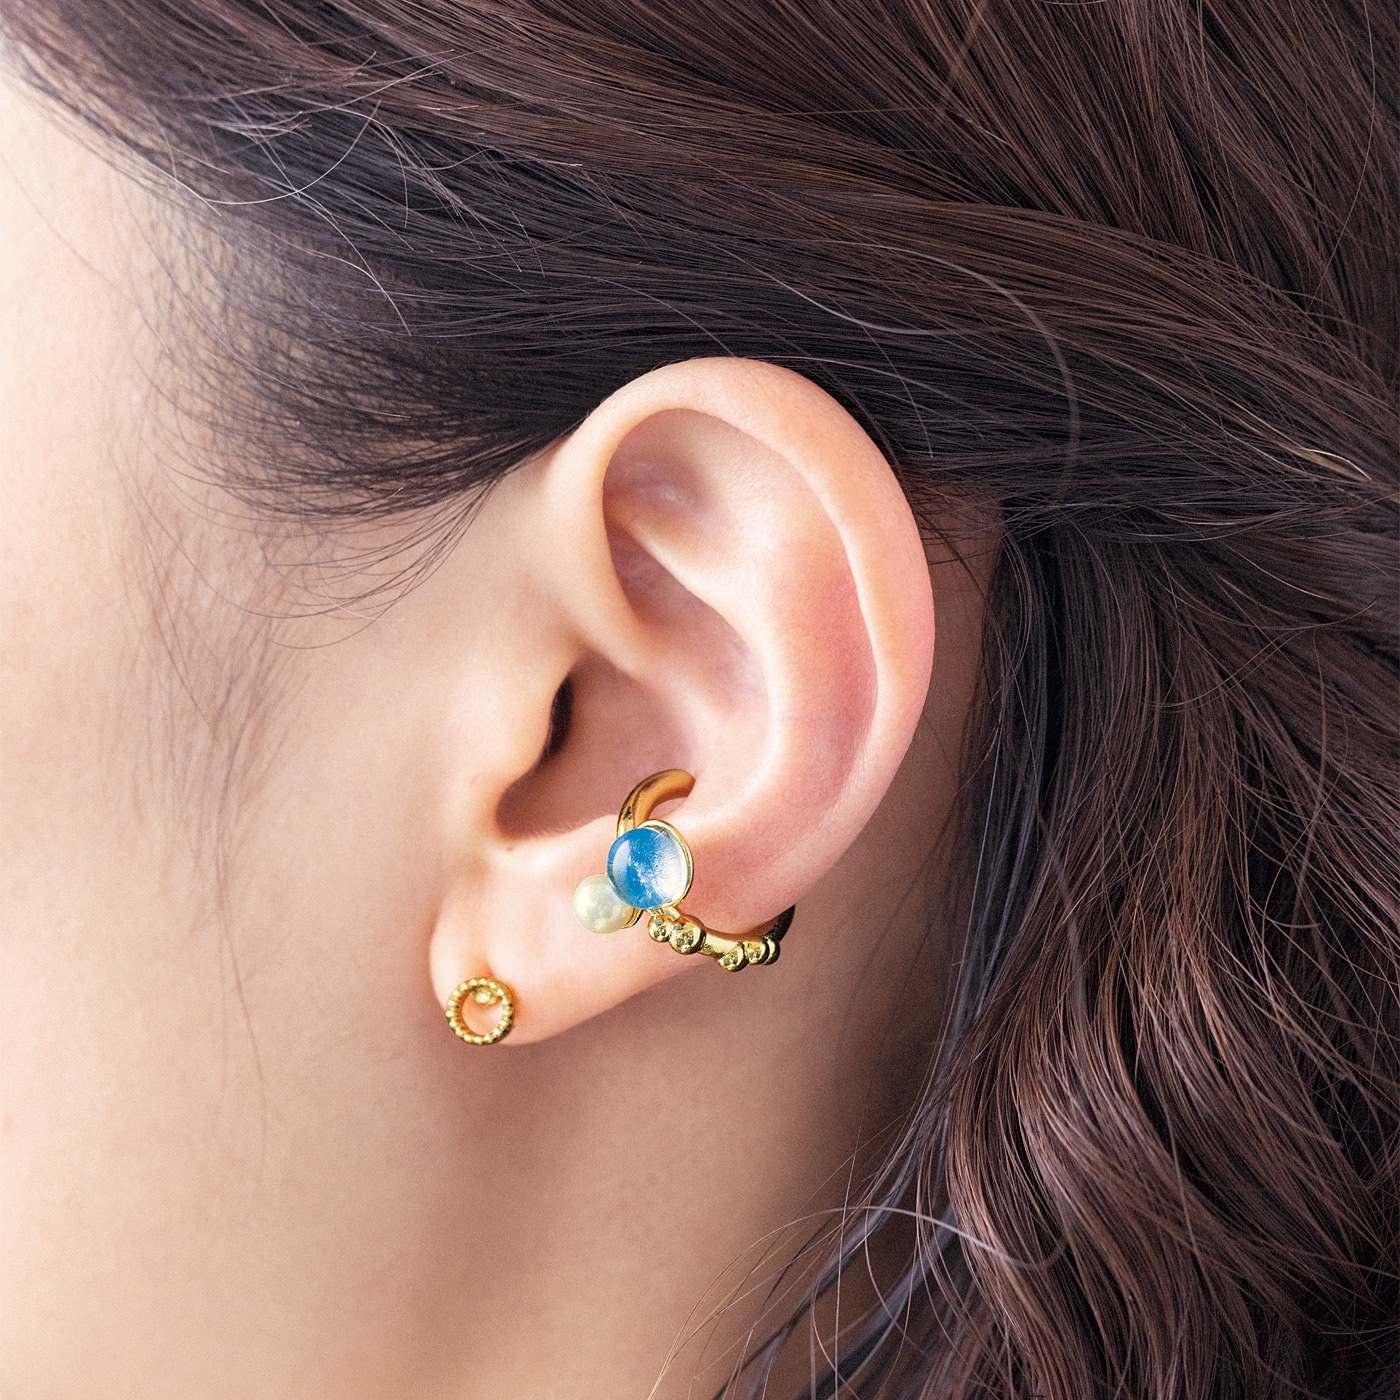 CCP [シーシーピー]|きらめく粒の手づくりガラスとパールの自然モチーフイヤカフ〈片耳〉の会|お手持ちのピアスやイヤリングとあわせても。